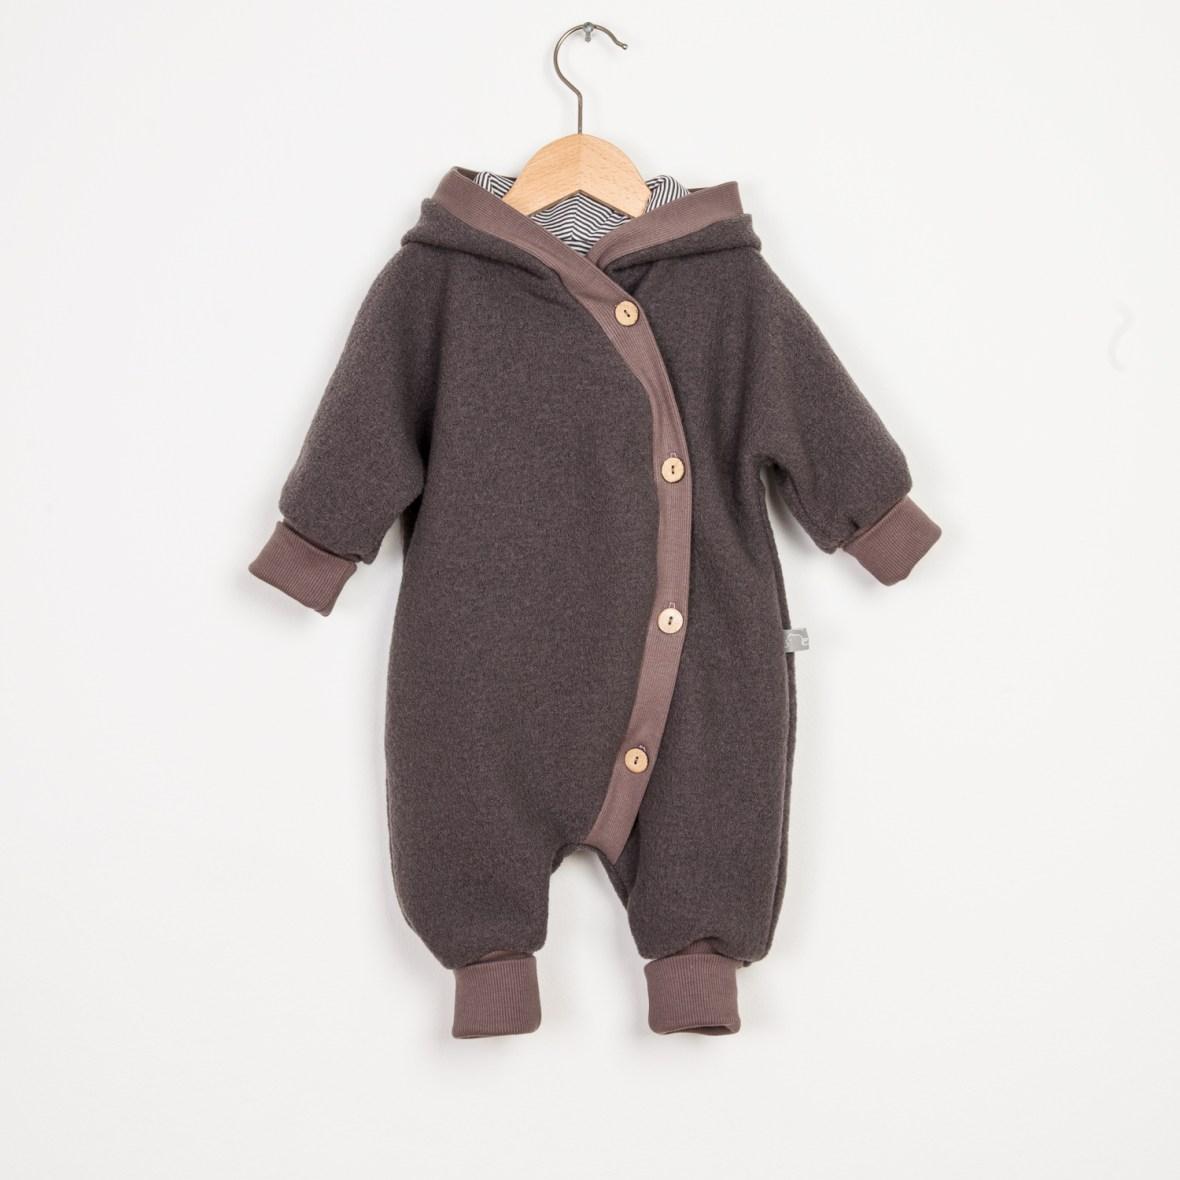 Herbst-Outfits-für-Kids-Anzug